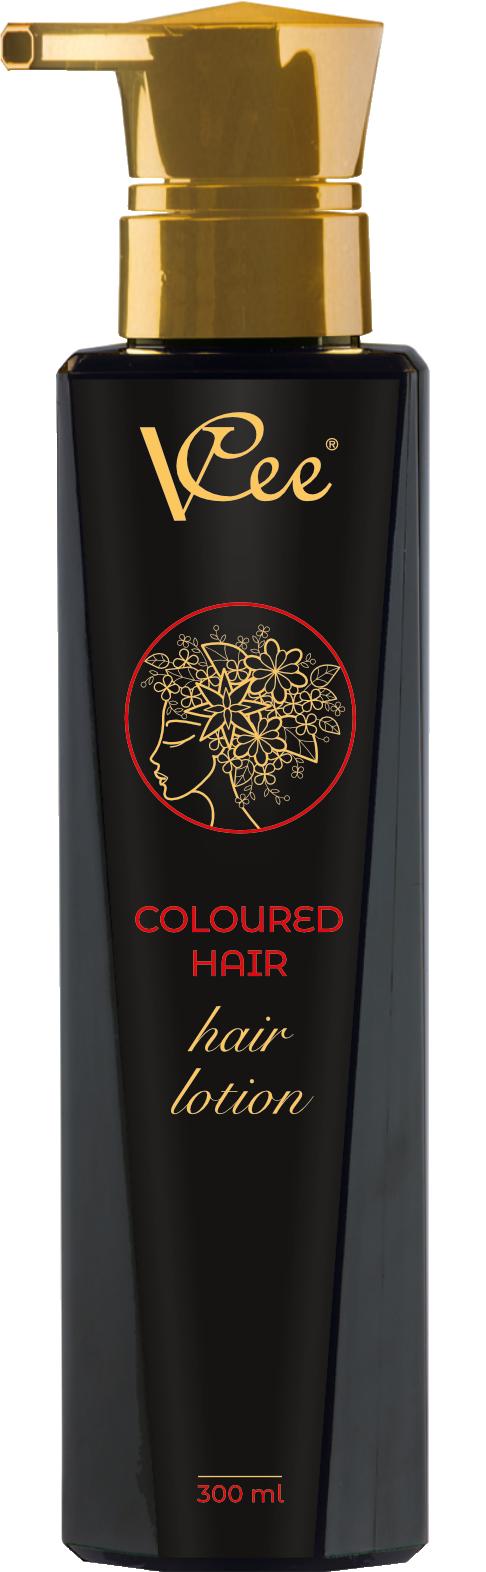 Losion za obojenu kosu 300 ml za dubinsko čišćenje obojene kose VCee